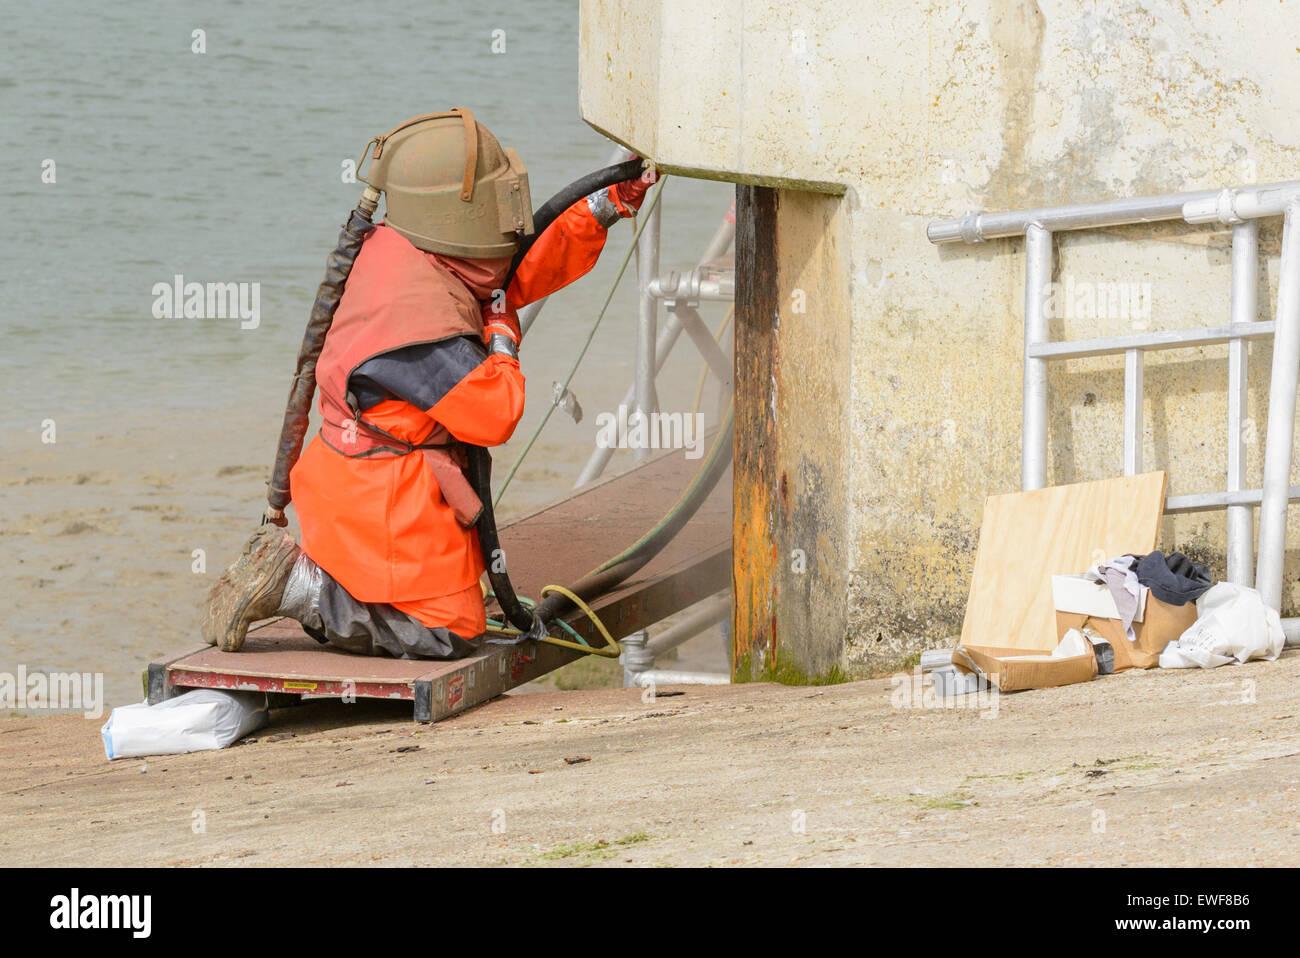 La sabbiatura. Un operaio in ginocchio indossare indumenti di protezione durante la sabbiatura. Immagini Stock